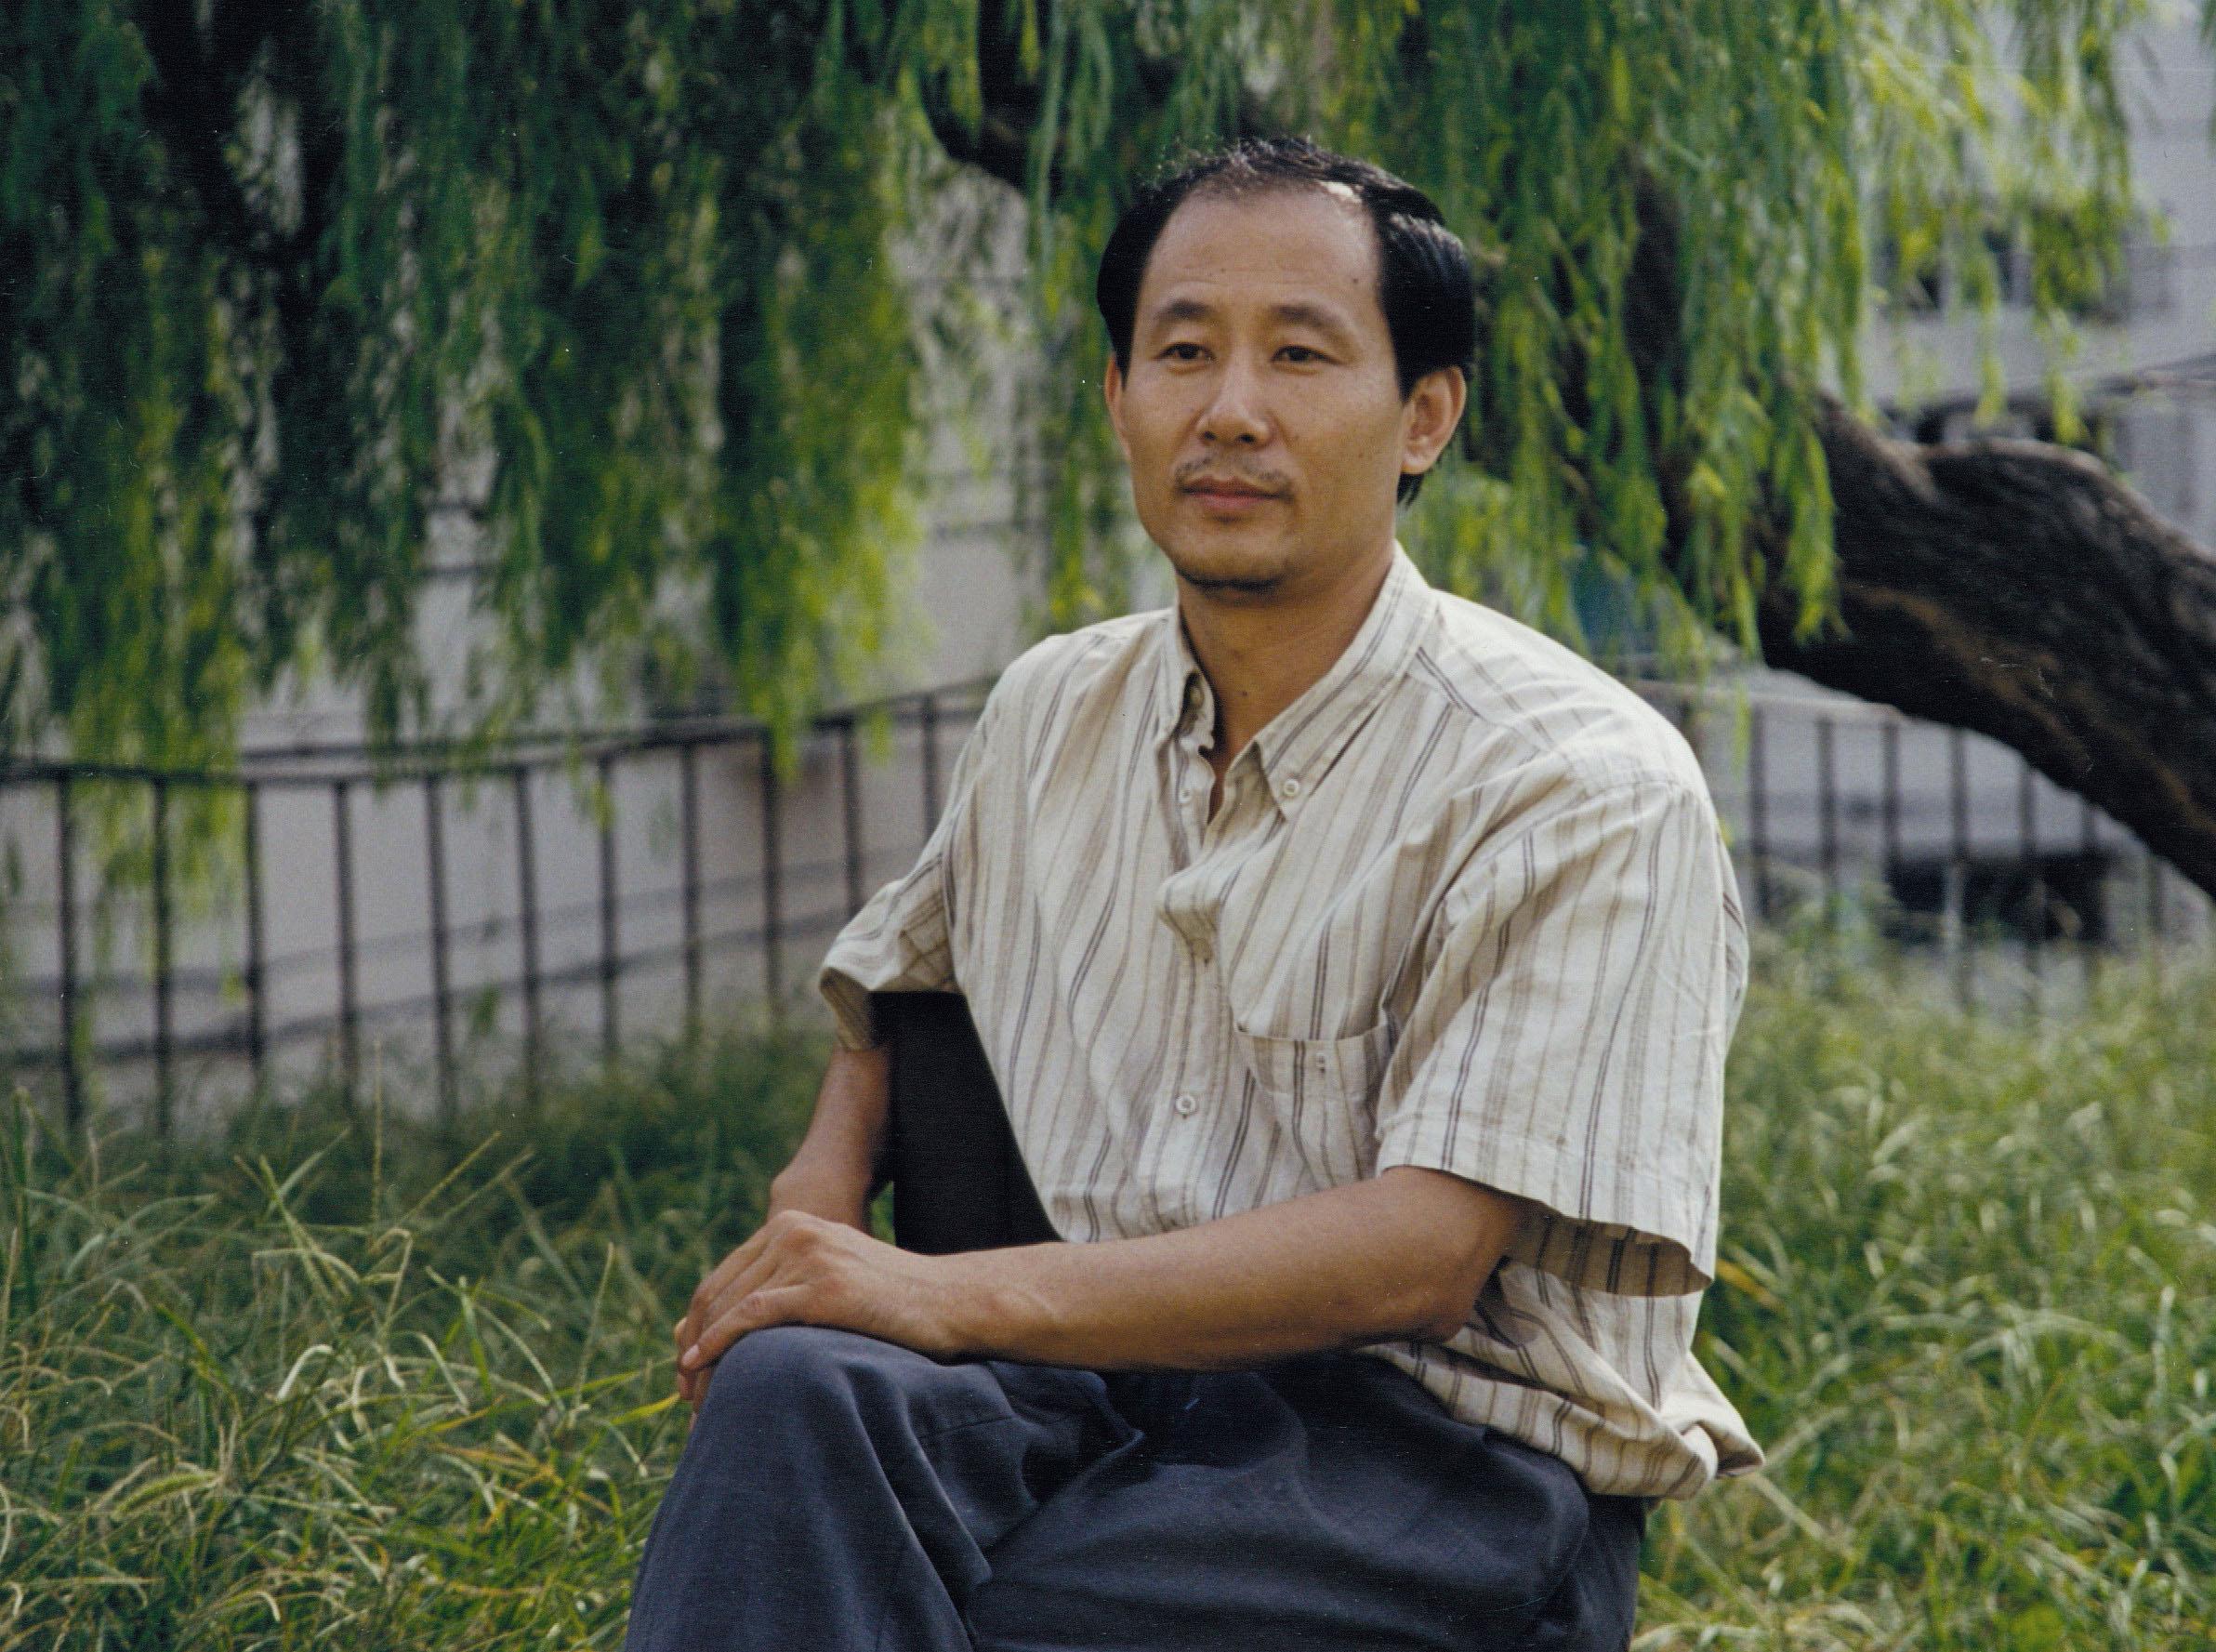 王珂岳著《王羲之 王献之笔法研究》大连首次发布在大连市图书馆和大连中山美术馆进行